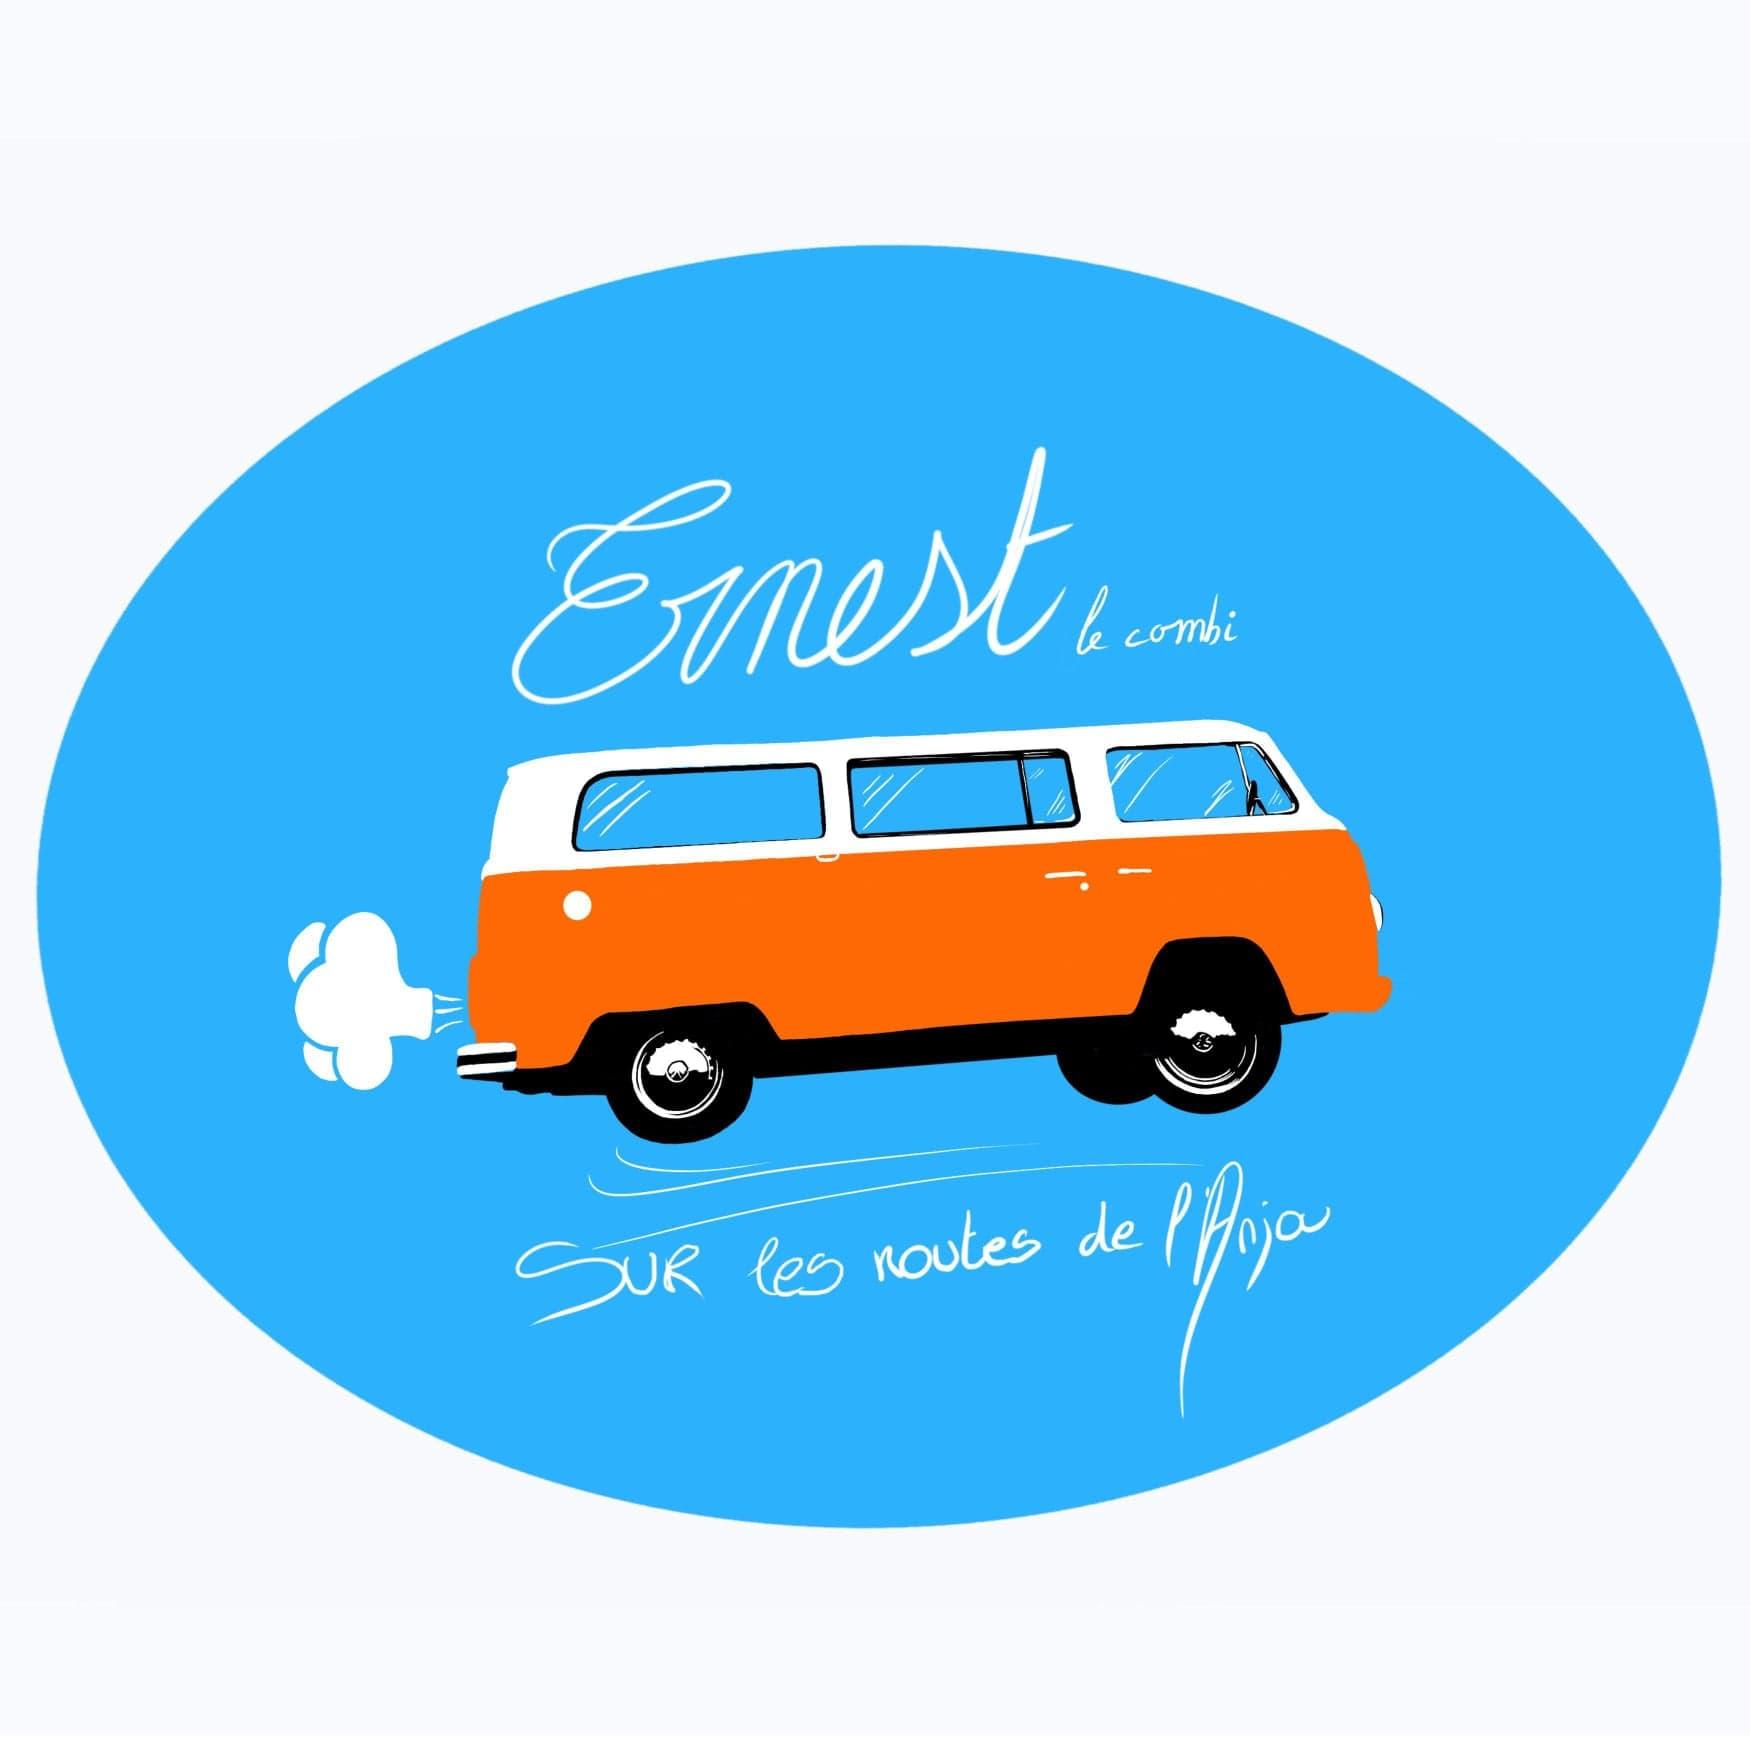 Ernest le Combi